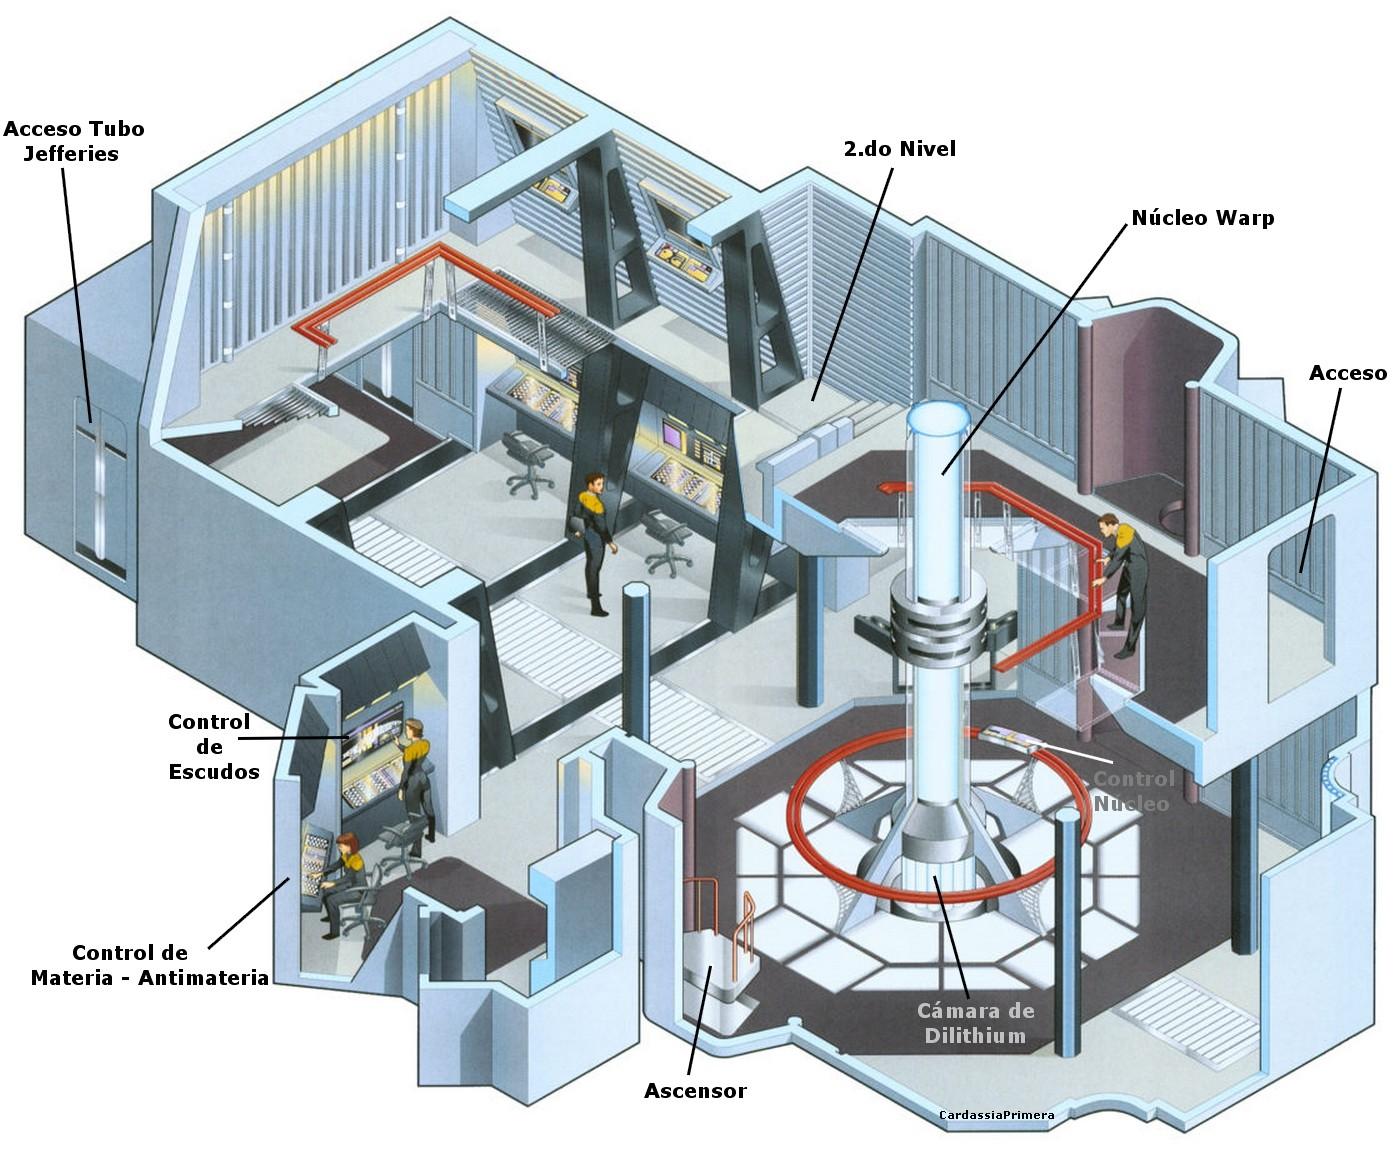 [SCHEMATICS_48DE]  Star Trek Starships Interiors Schematics Blueprints | Voyager Schematics |  | Universo Star Trek